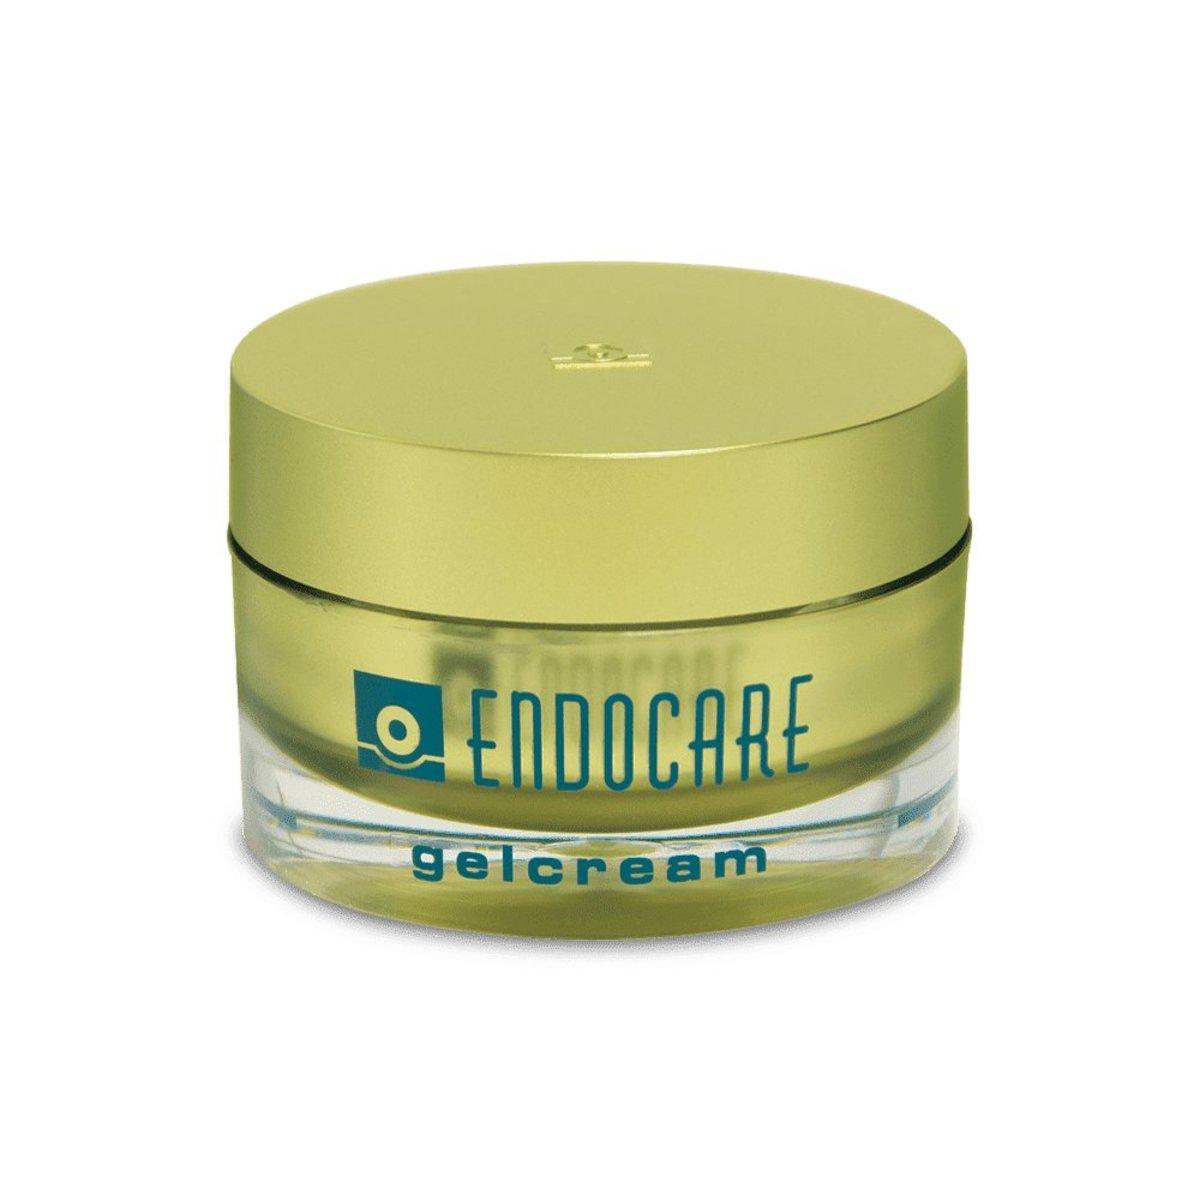 Endocare Gel Cream 30ml